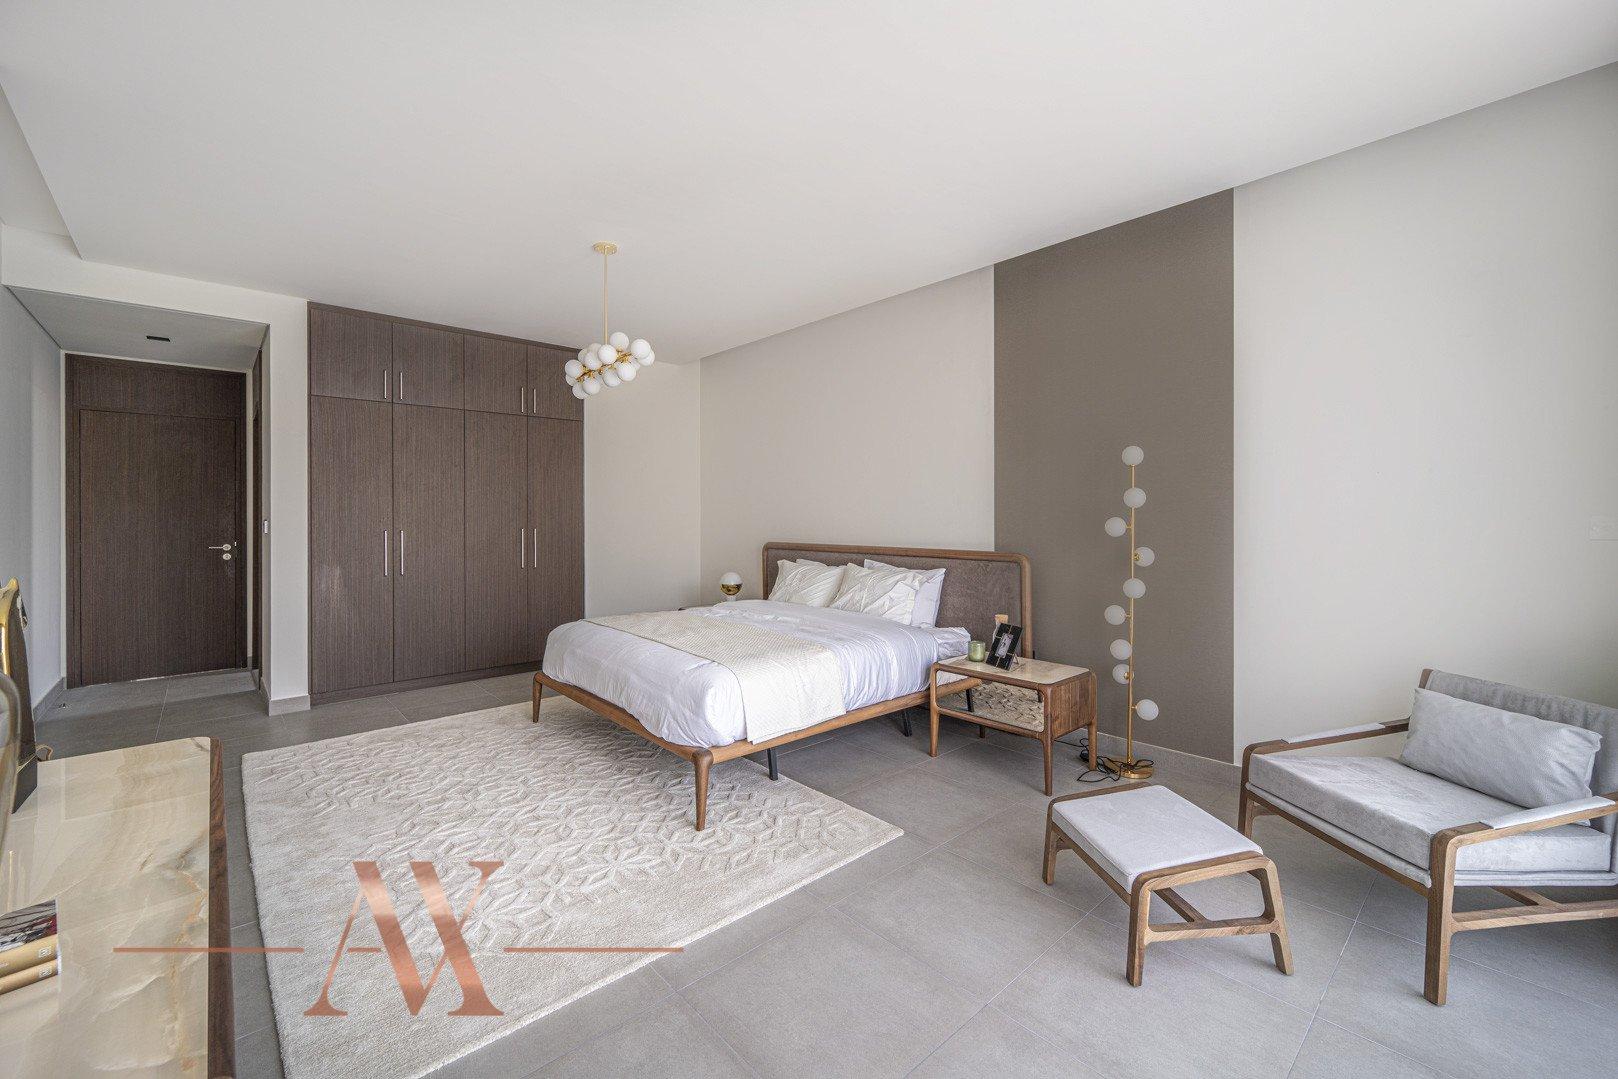 Villa en venta en Dubai, EAU, 4 dormitorios, 659.6 m2, № 23710 – foto 10